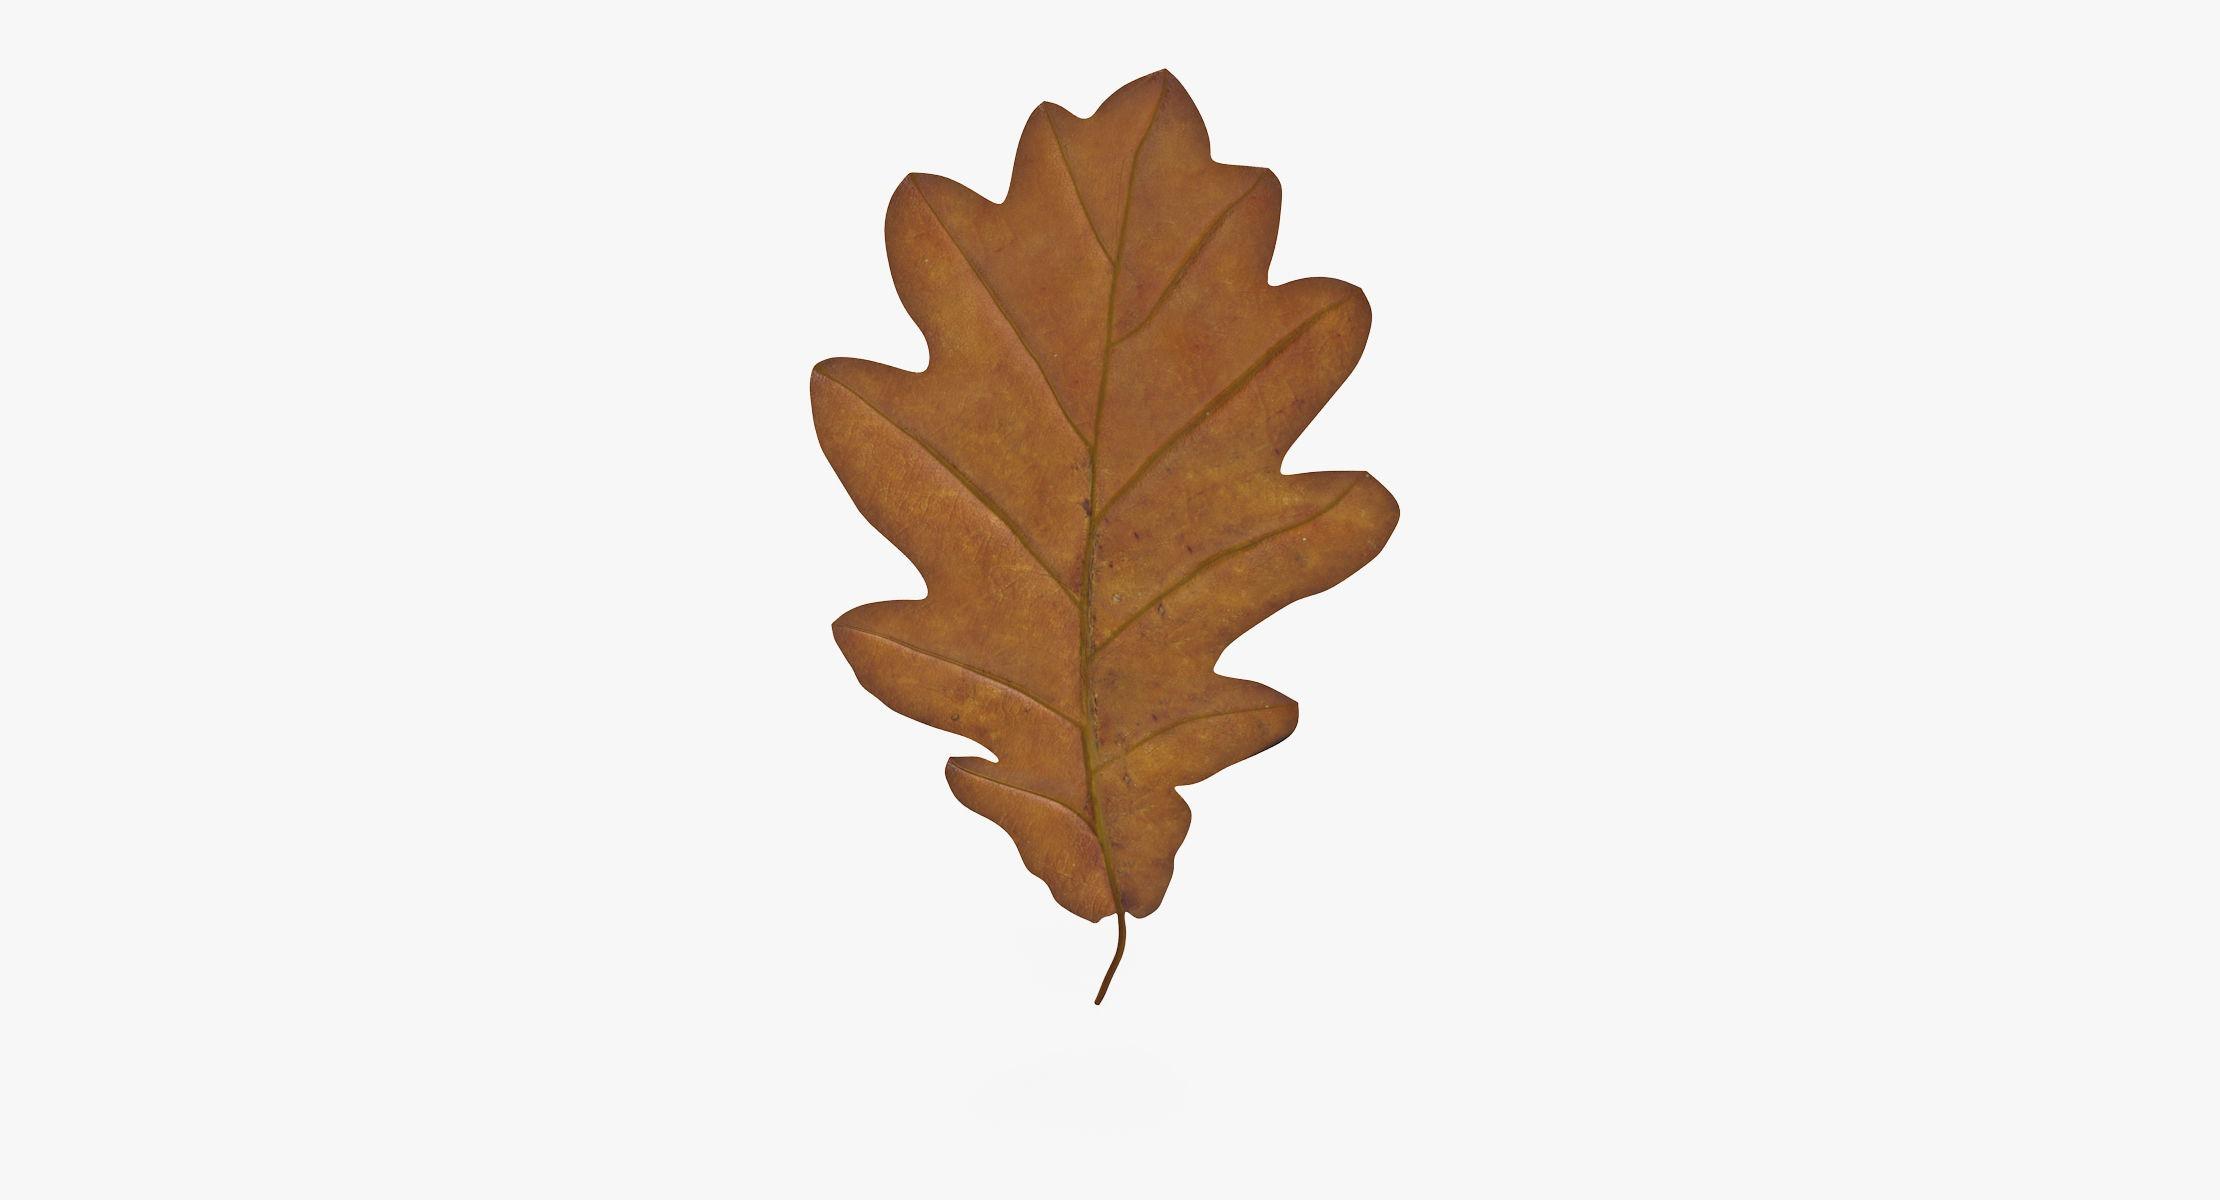 Oak Leaf Yellow 01 - reel 1